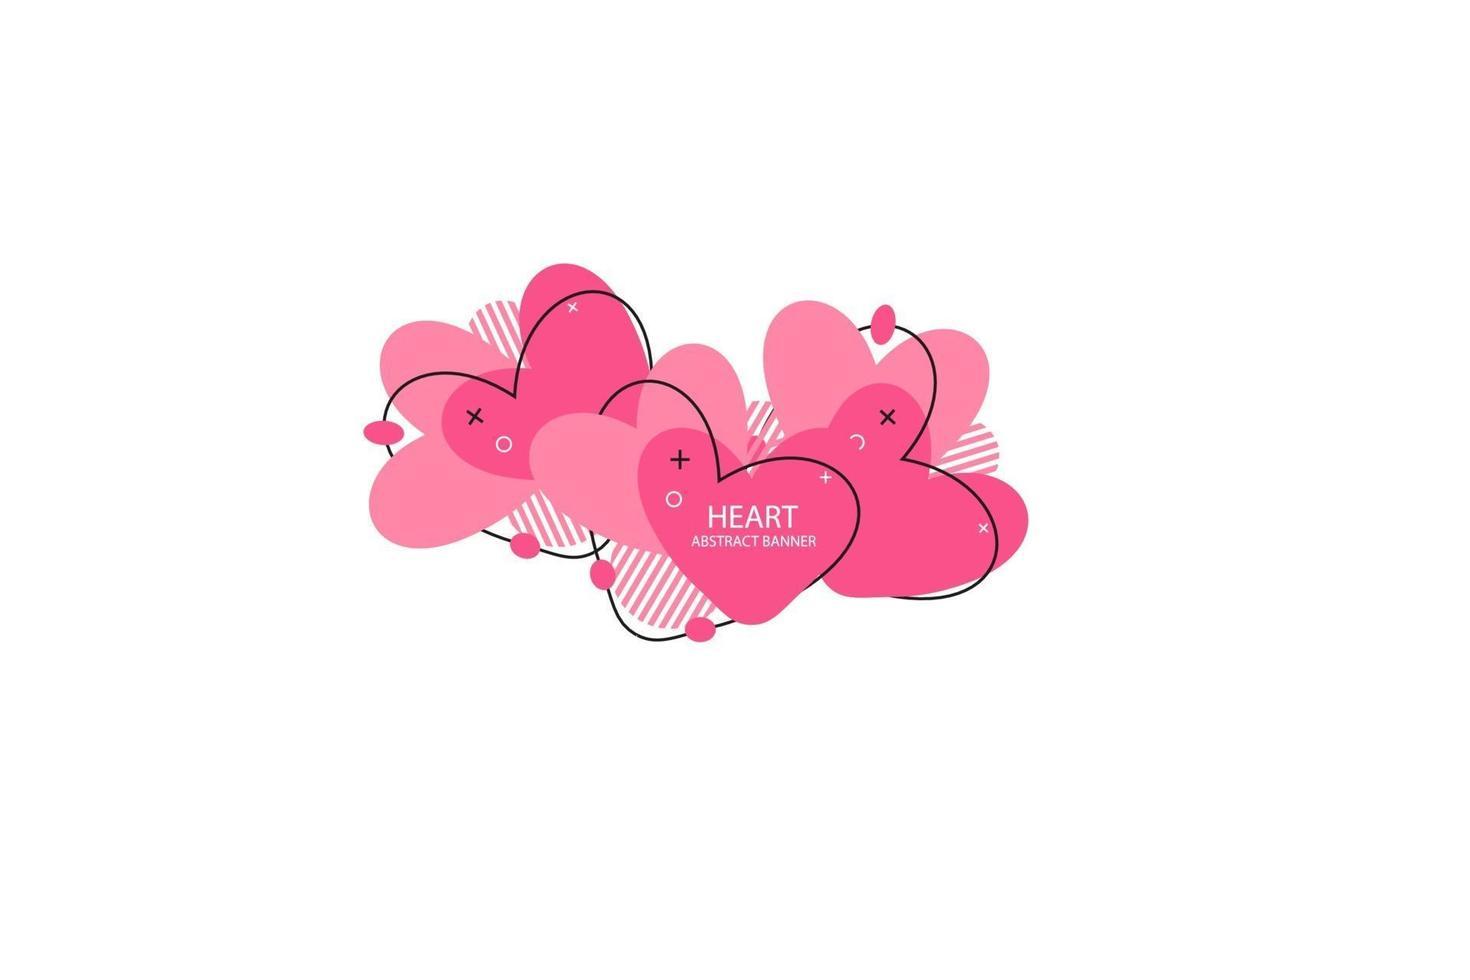 hjärtan abstrakt banner. organiska eller flytande former med olika mjuka färger. användbar för webb, sociala medier, tryck, banner, bakgrund, bakgrundsmall. Alla hjärtans dag firande vektor